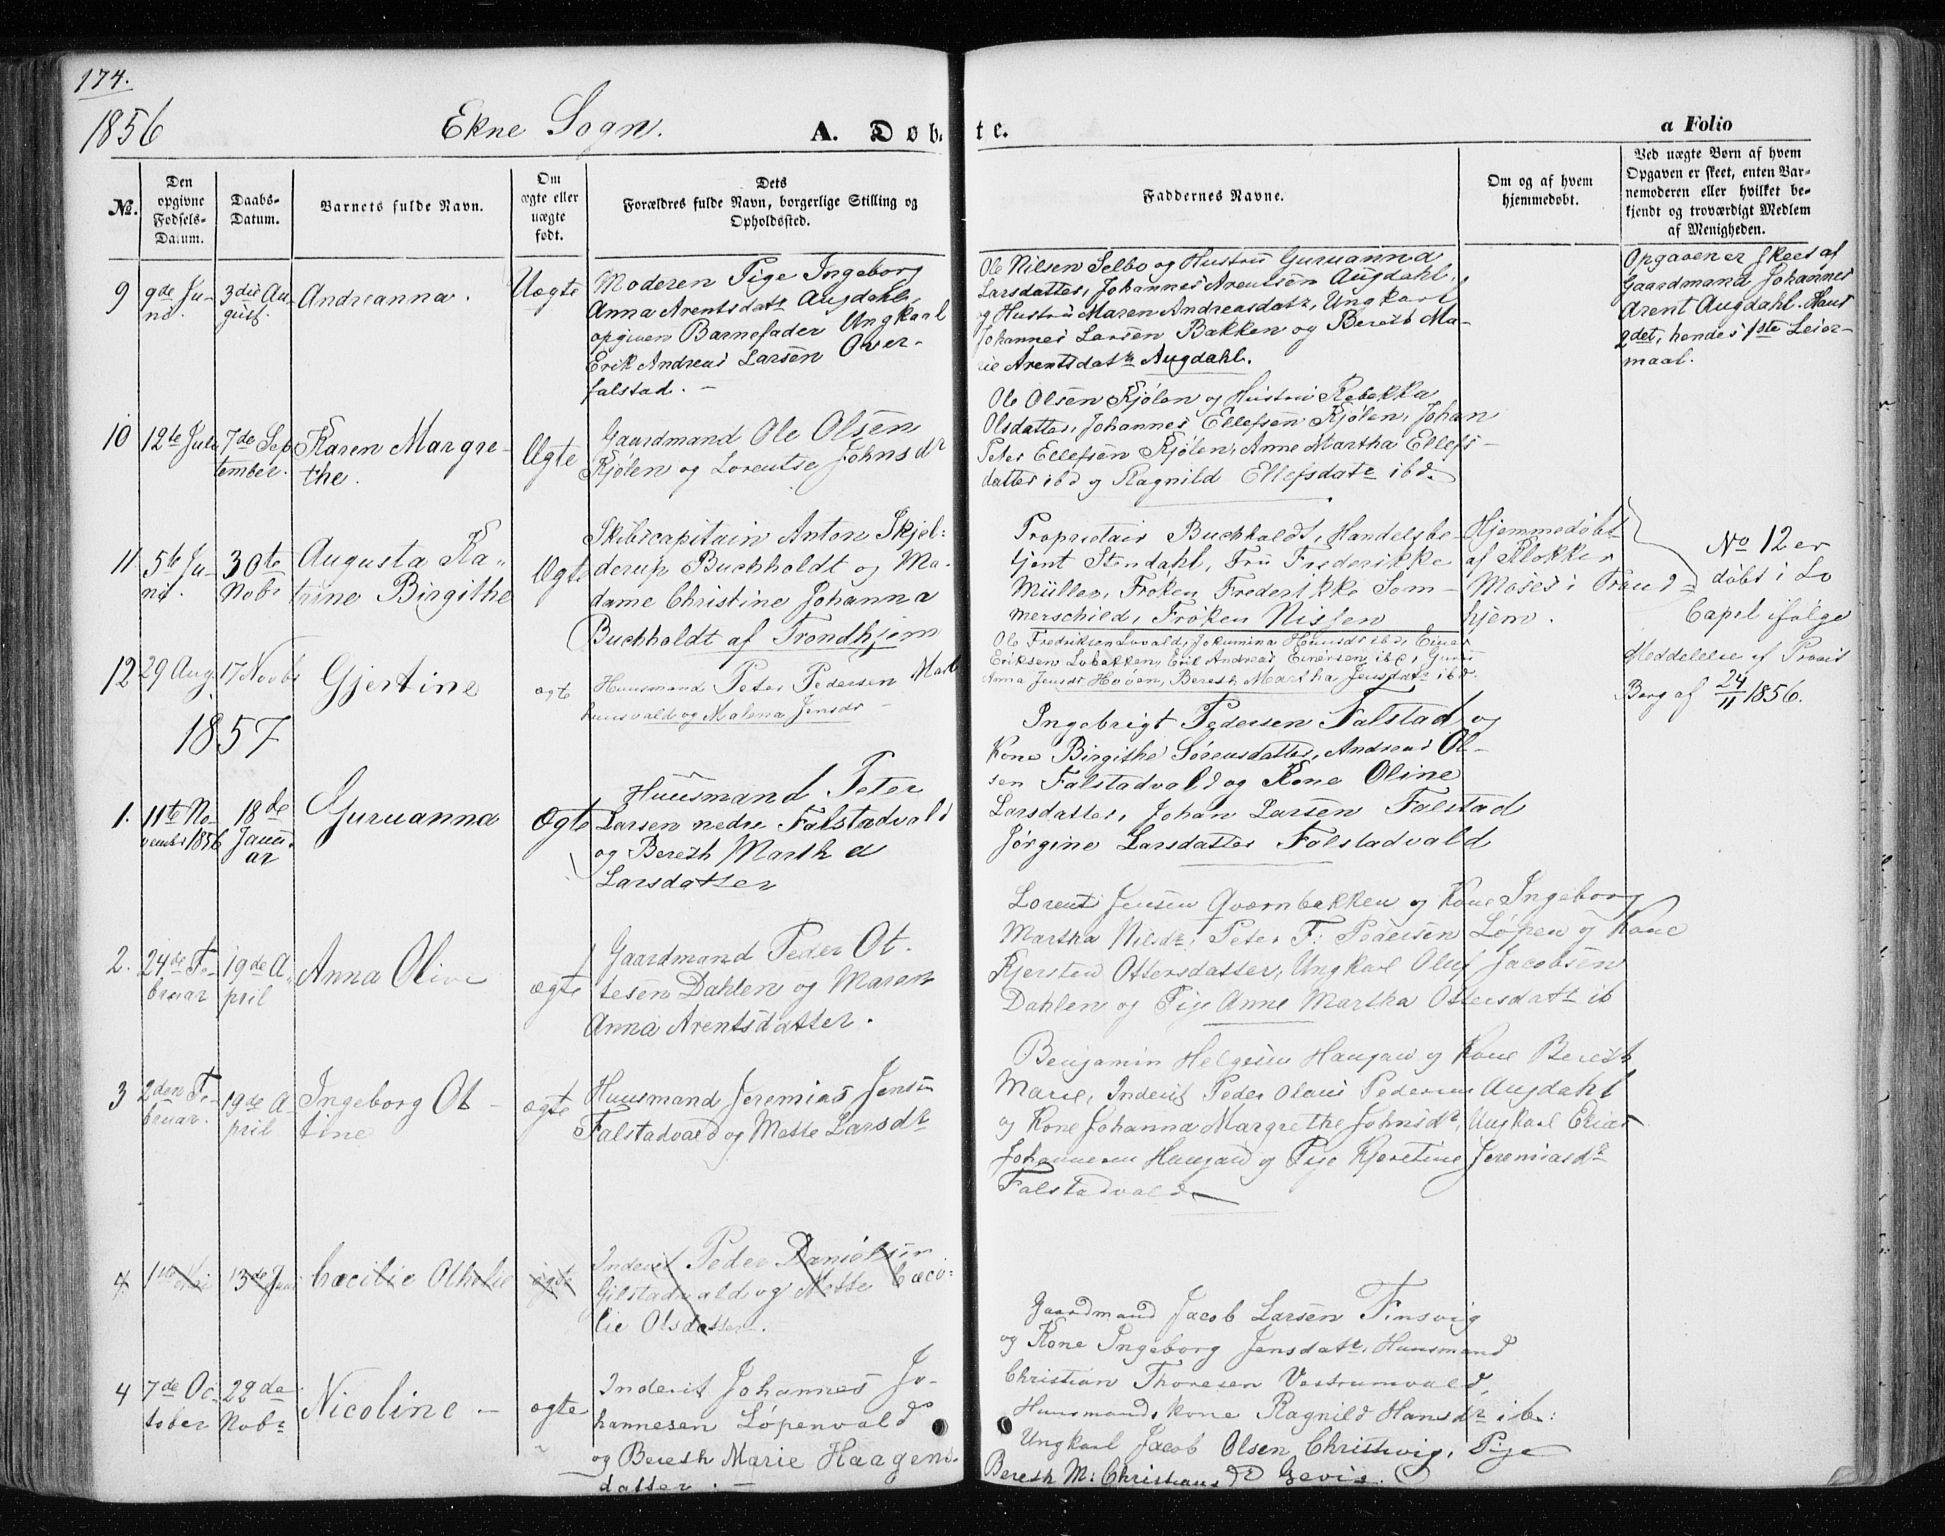 SAT, Ministerialprotokoller, klokkerbøker og fødselsregistre - Nord-Trøndelag, 717/L0154: Ministerialbok nr. 717A07 /3, 1850-1862, s. 174